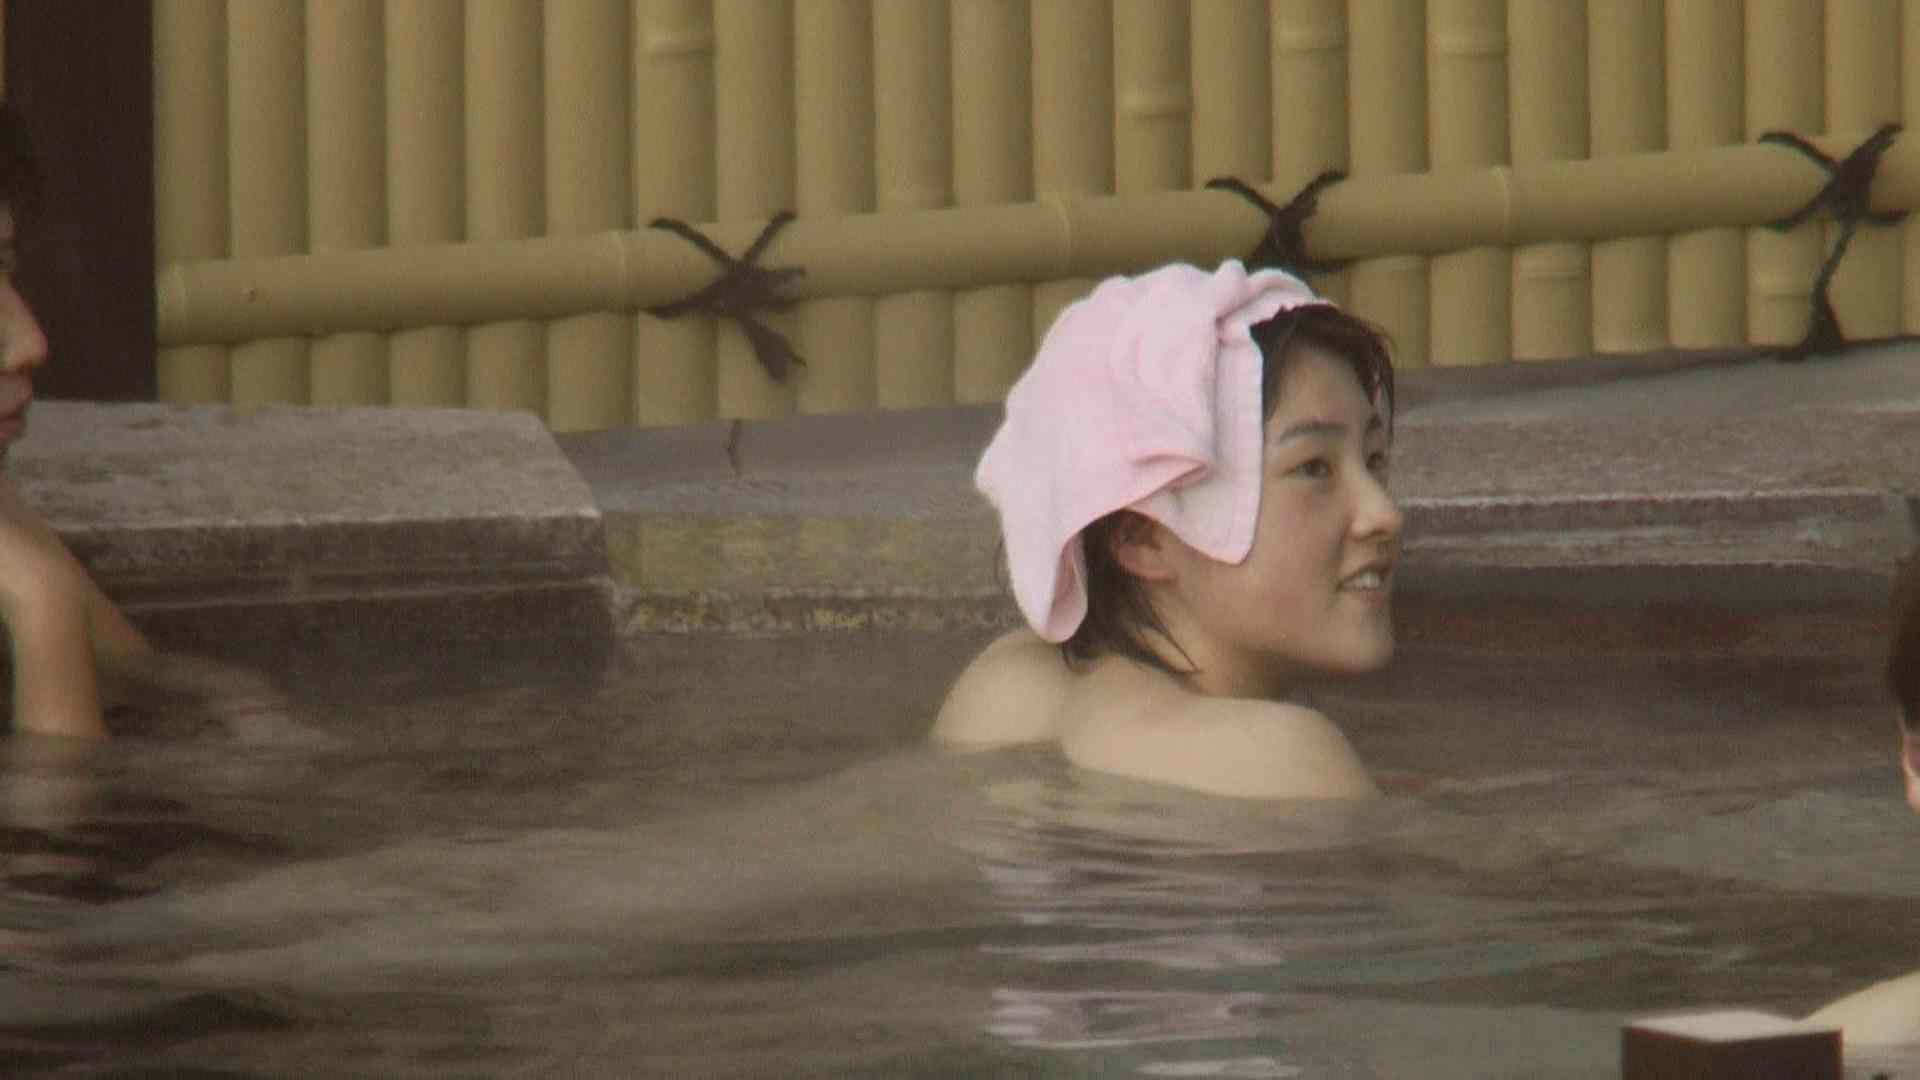 Aquaな露天風呂Vol.207 盗撮 覗きおまんこ画像 98連発 98